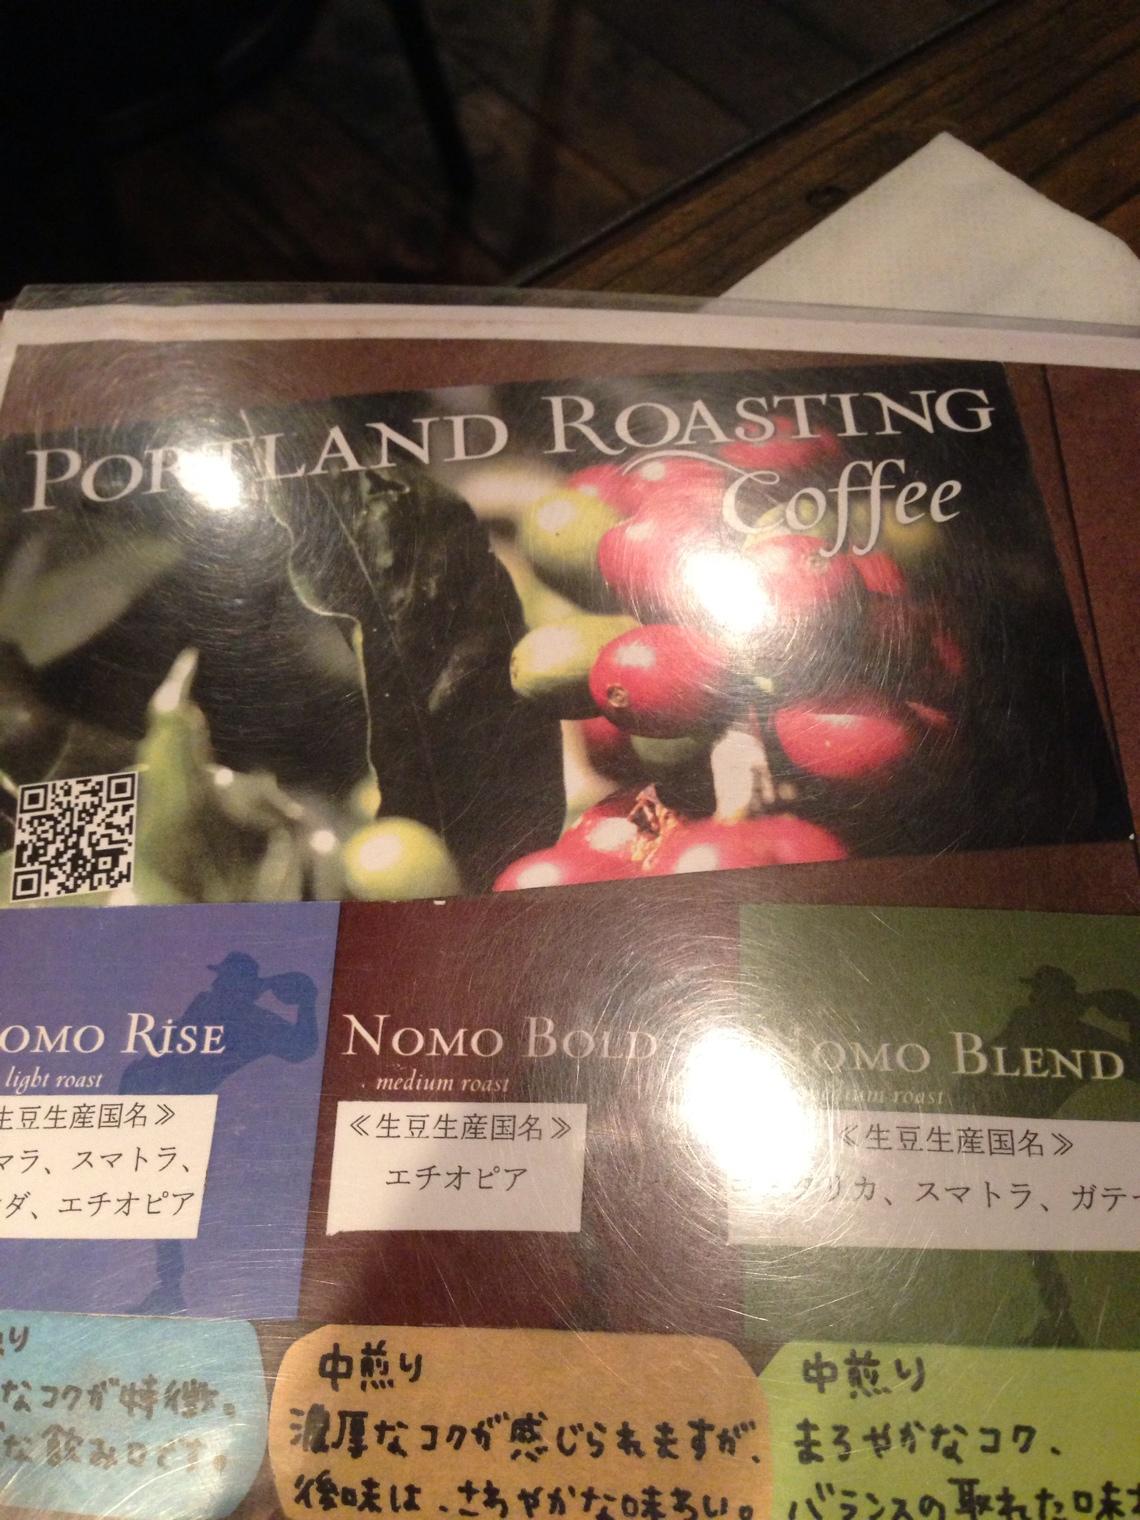 野茂さんプロデュースのNOMO BLEND COFFEE